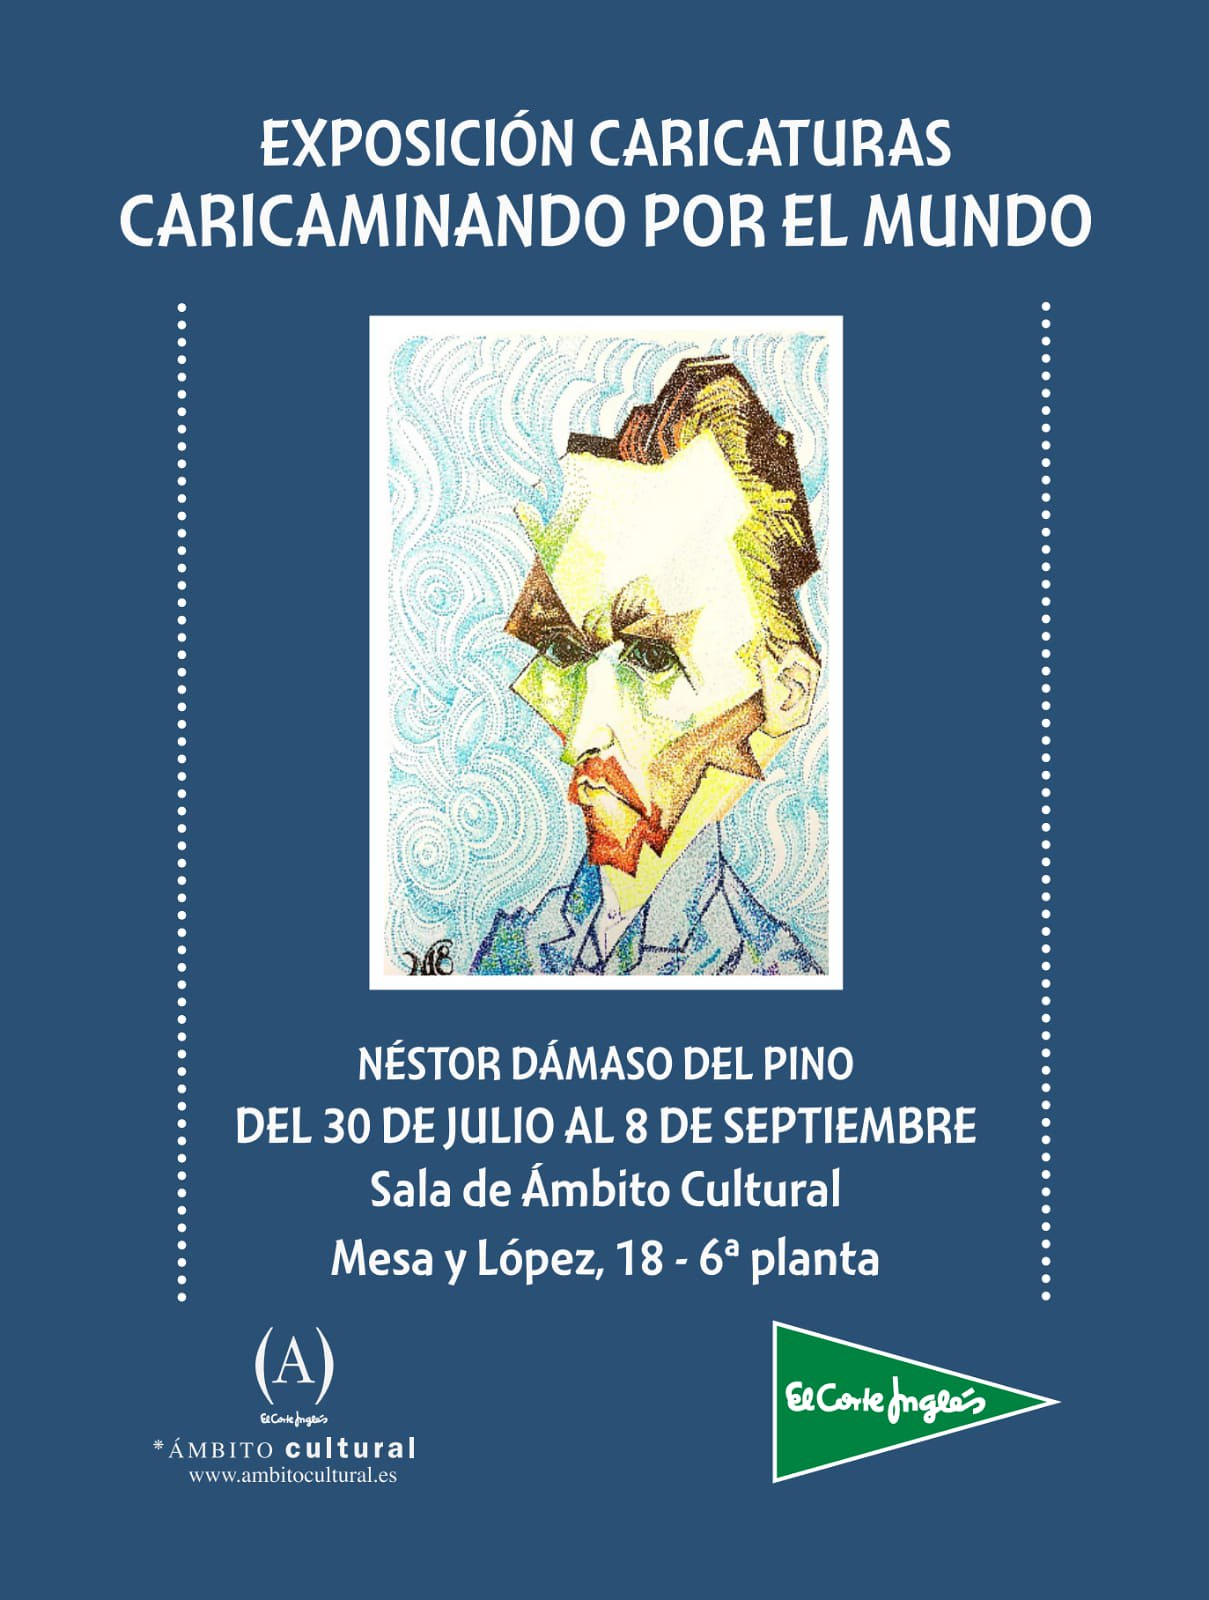 Exposición titulada «Caricaminando por el Mundo» del artista Néstor Dámaso del Pino